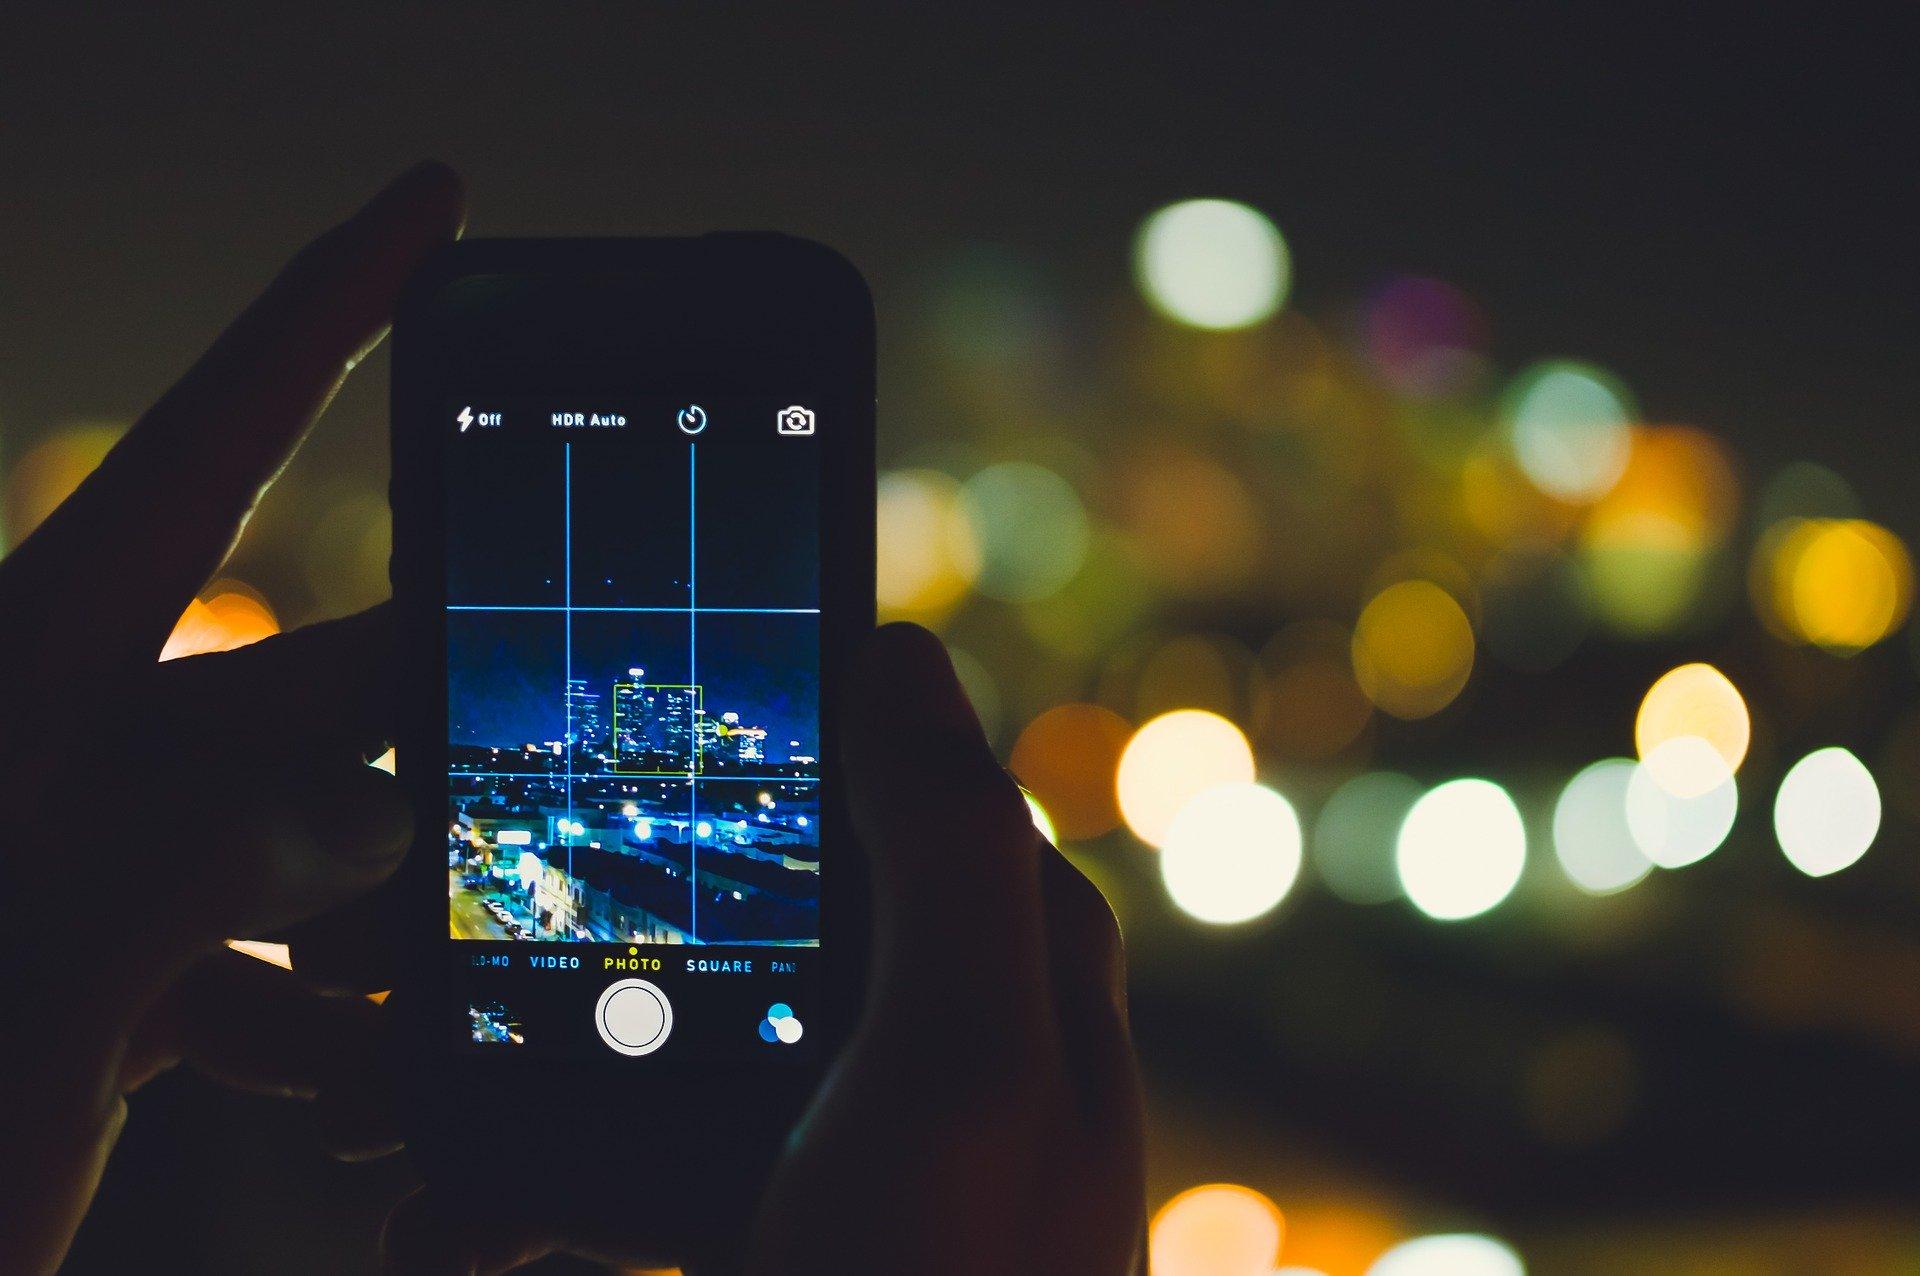 Descubre Todo Sobre Cómo Recuperar Fotos Y Videos Borrados